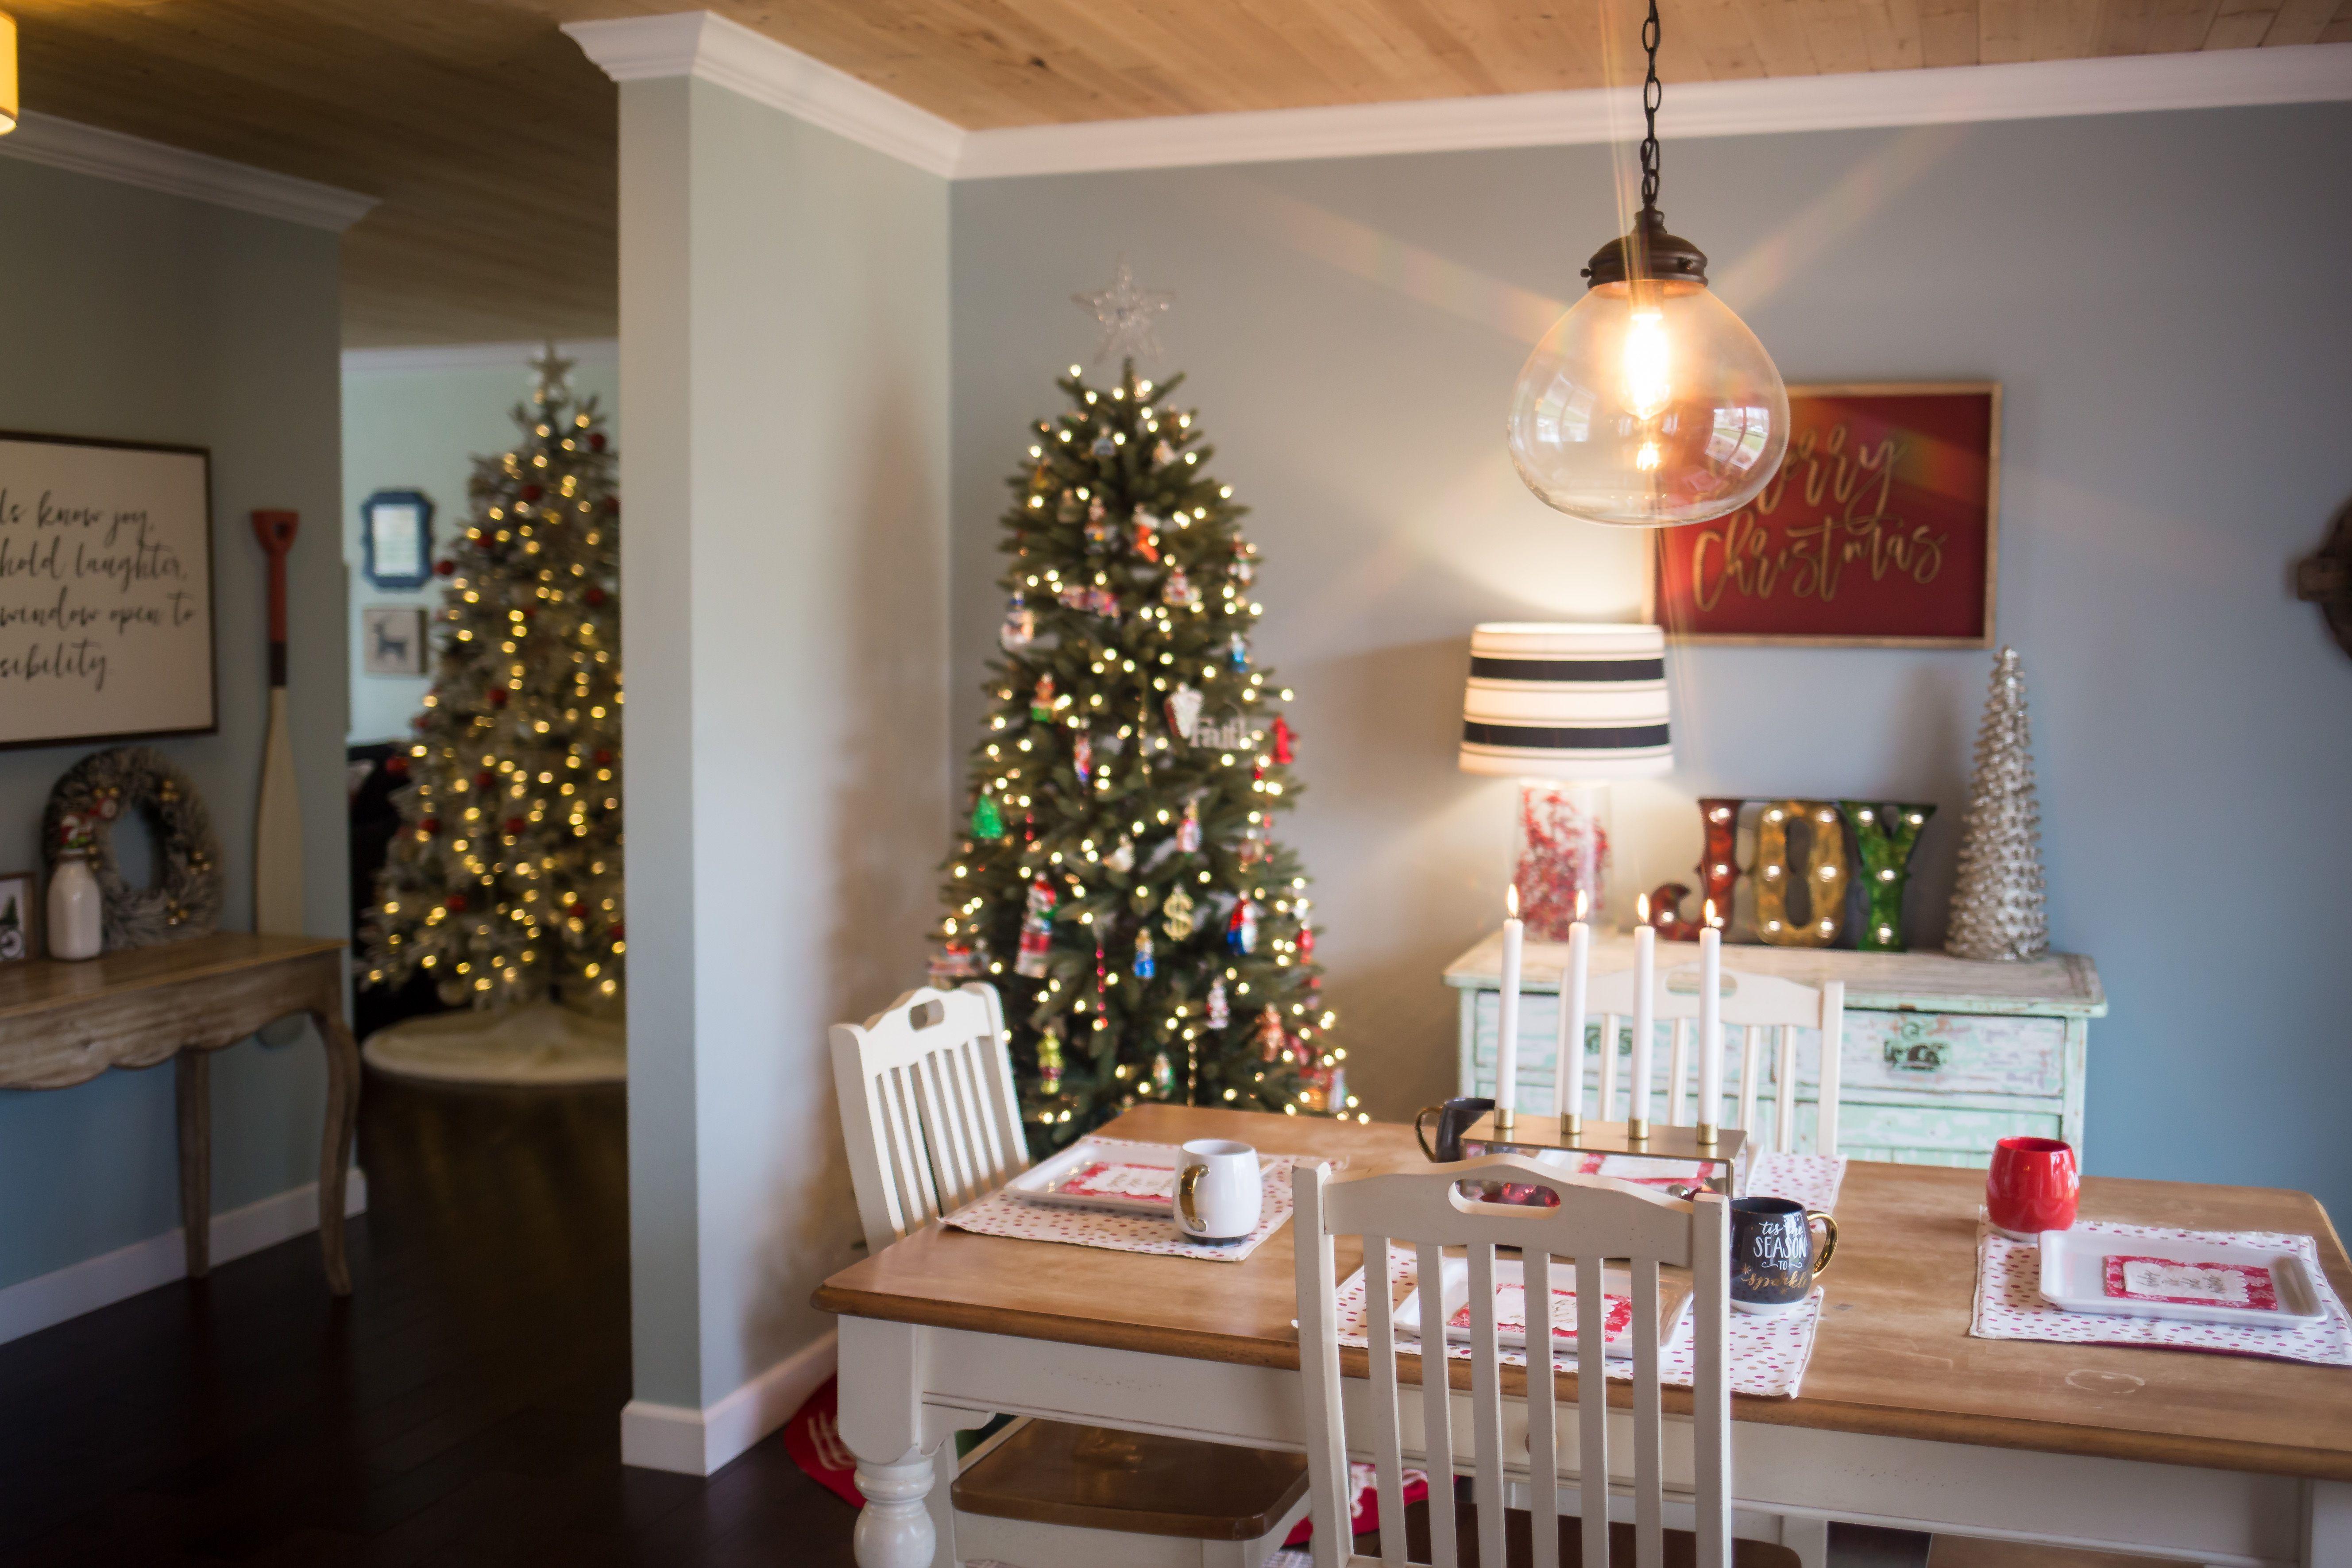 House Christmas Home Tour 2017